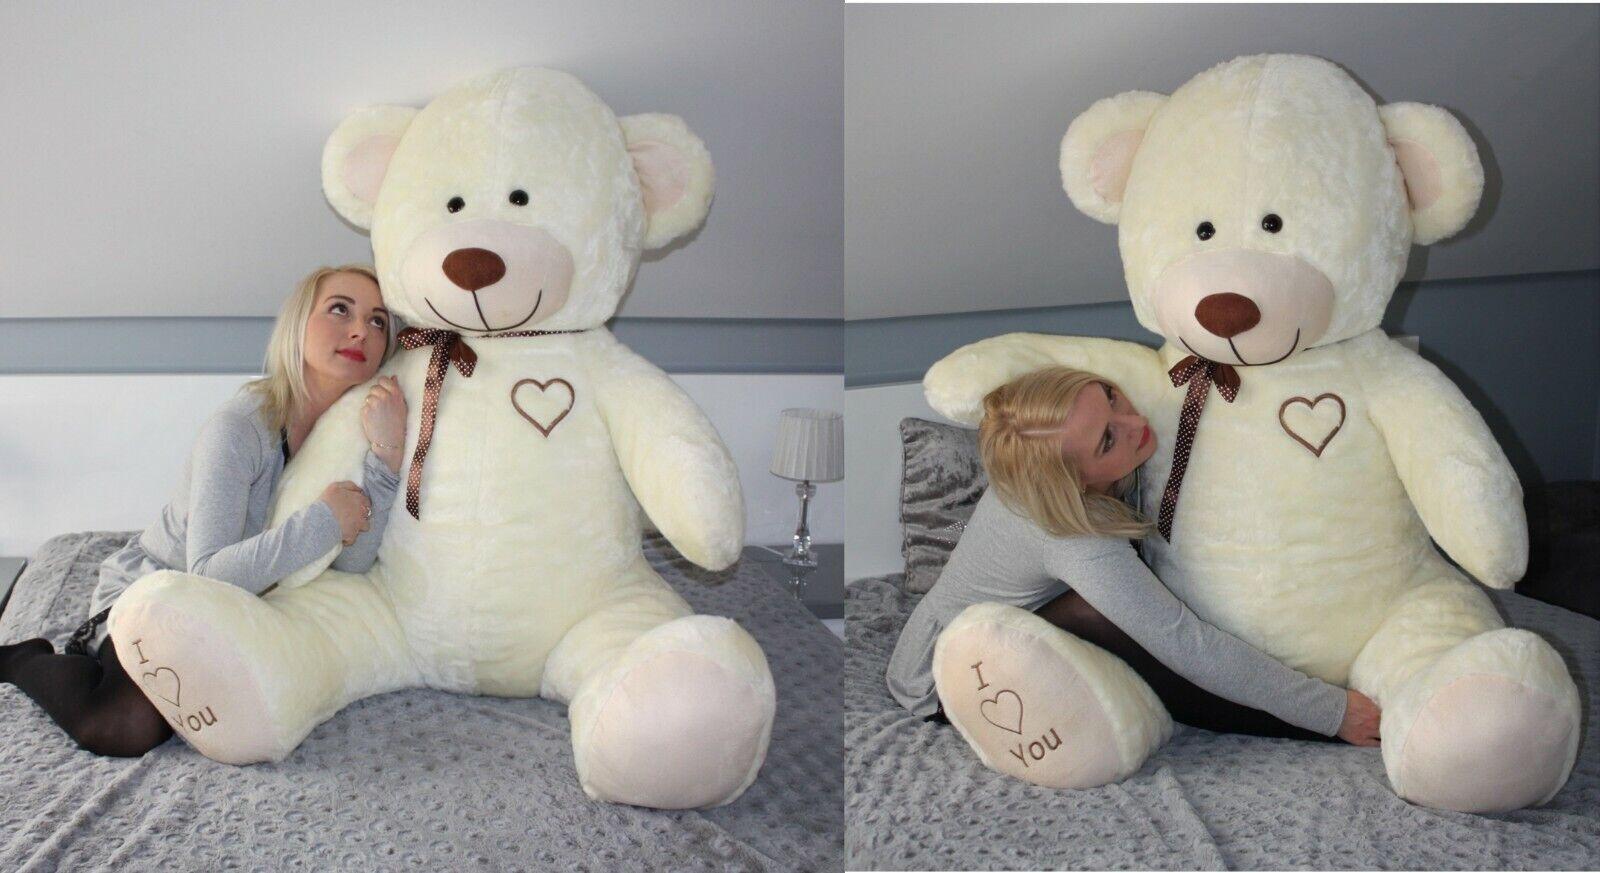 XXL Teddybär Plüsch Kuschel Stoff Tier Riesen Teddy Bär Valentinstag Geschenk XL Beige